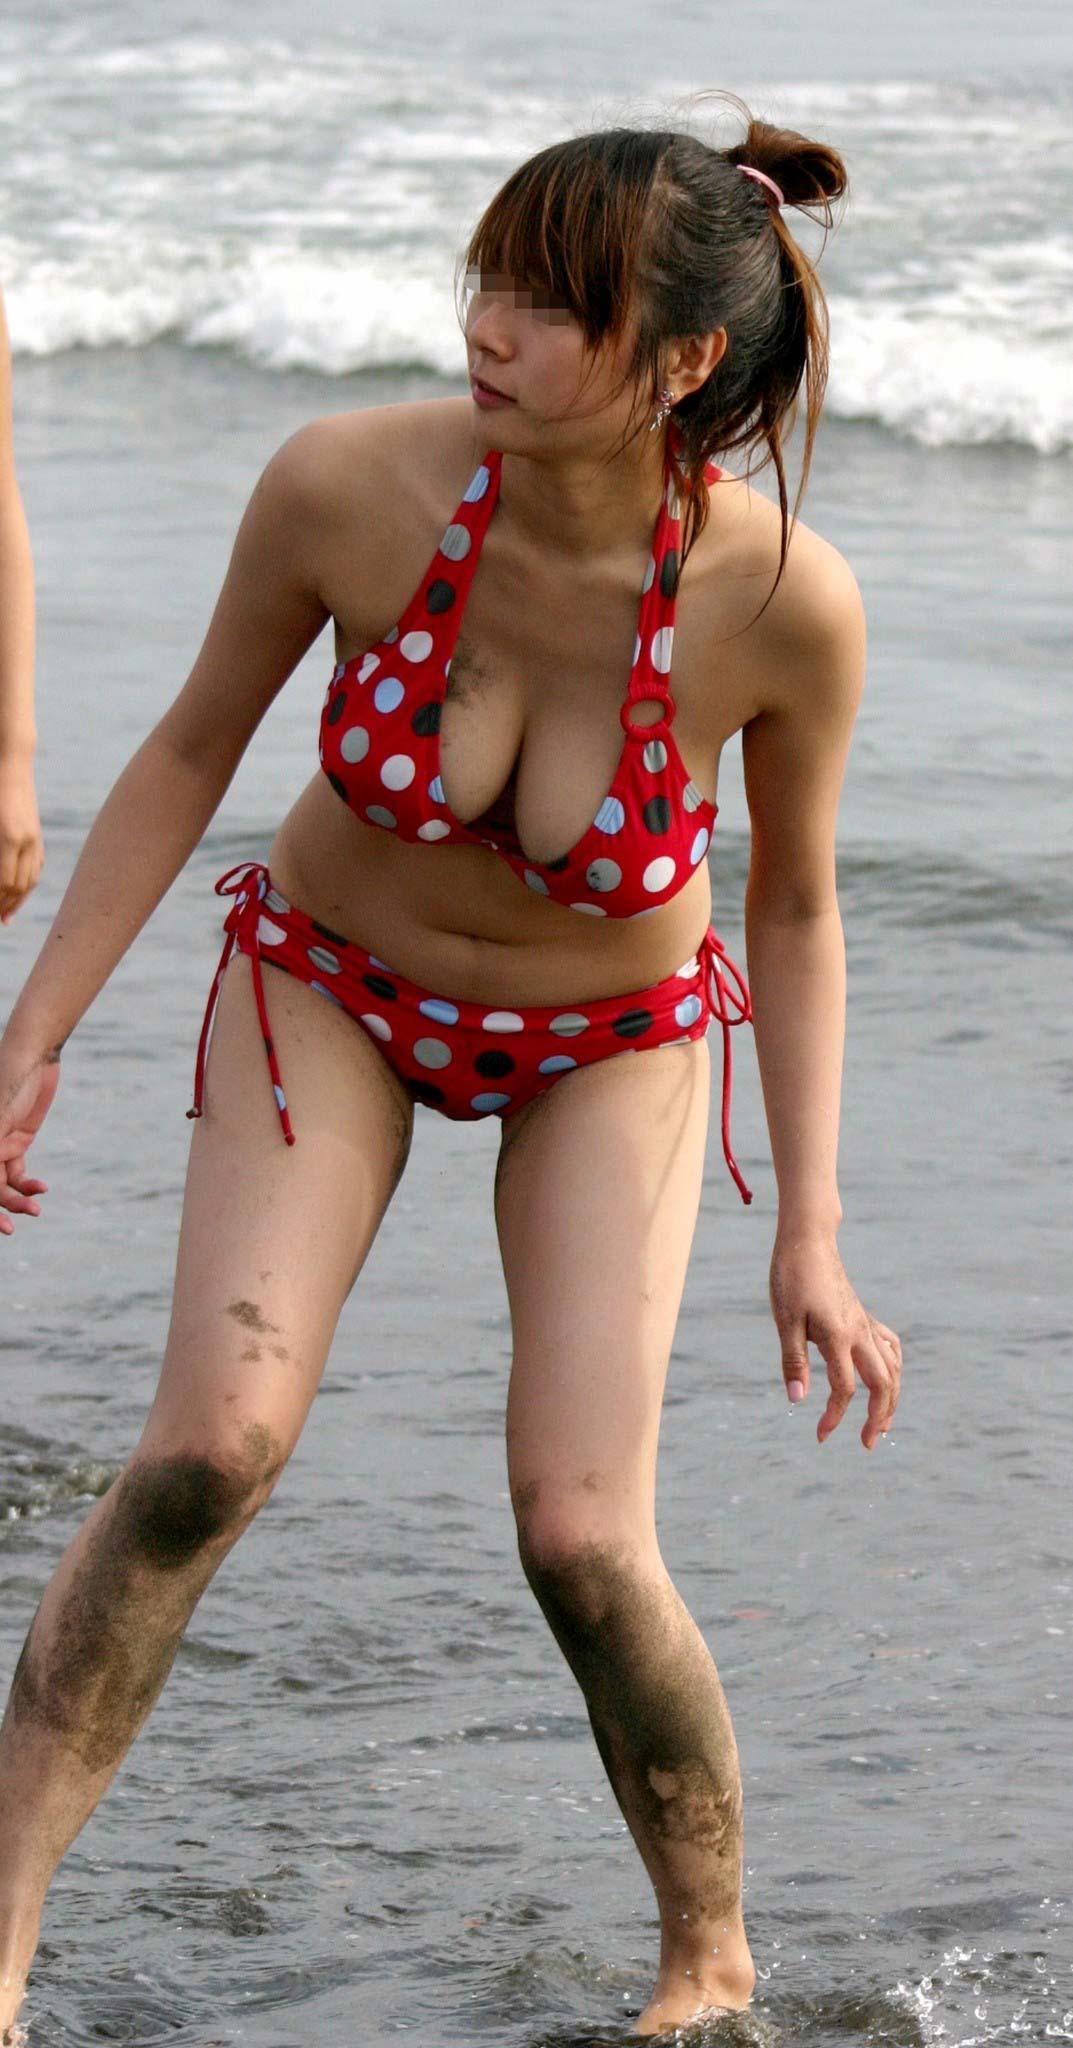 素人の水着画像がぐうシコでマジ感謝wwwwwwwwwwww dlcW8er